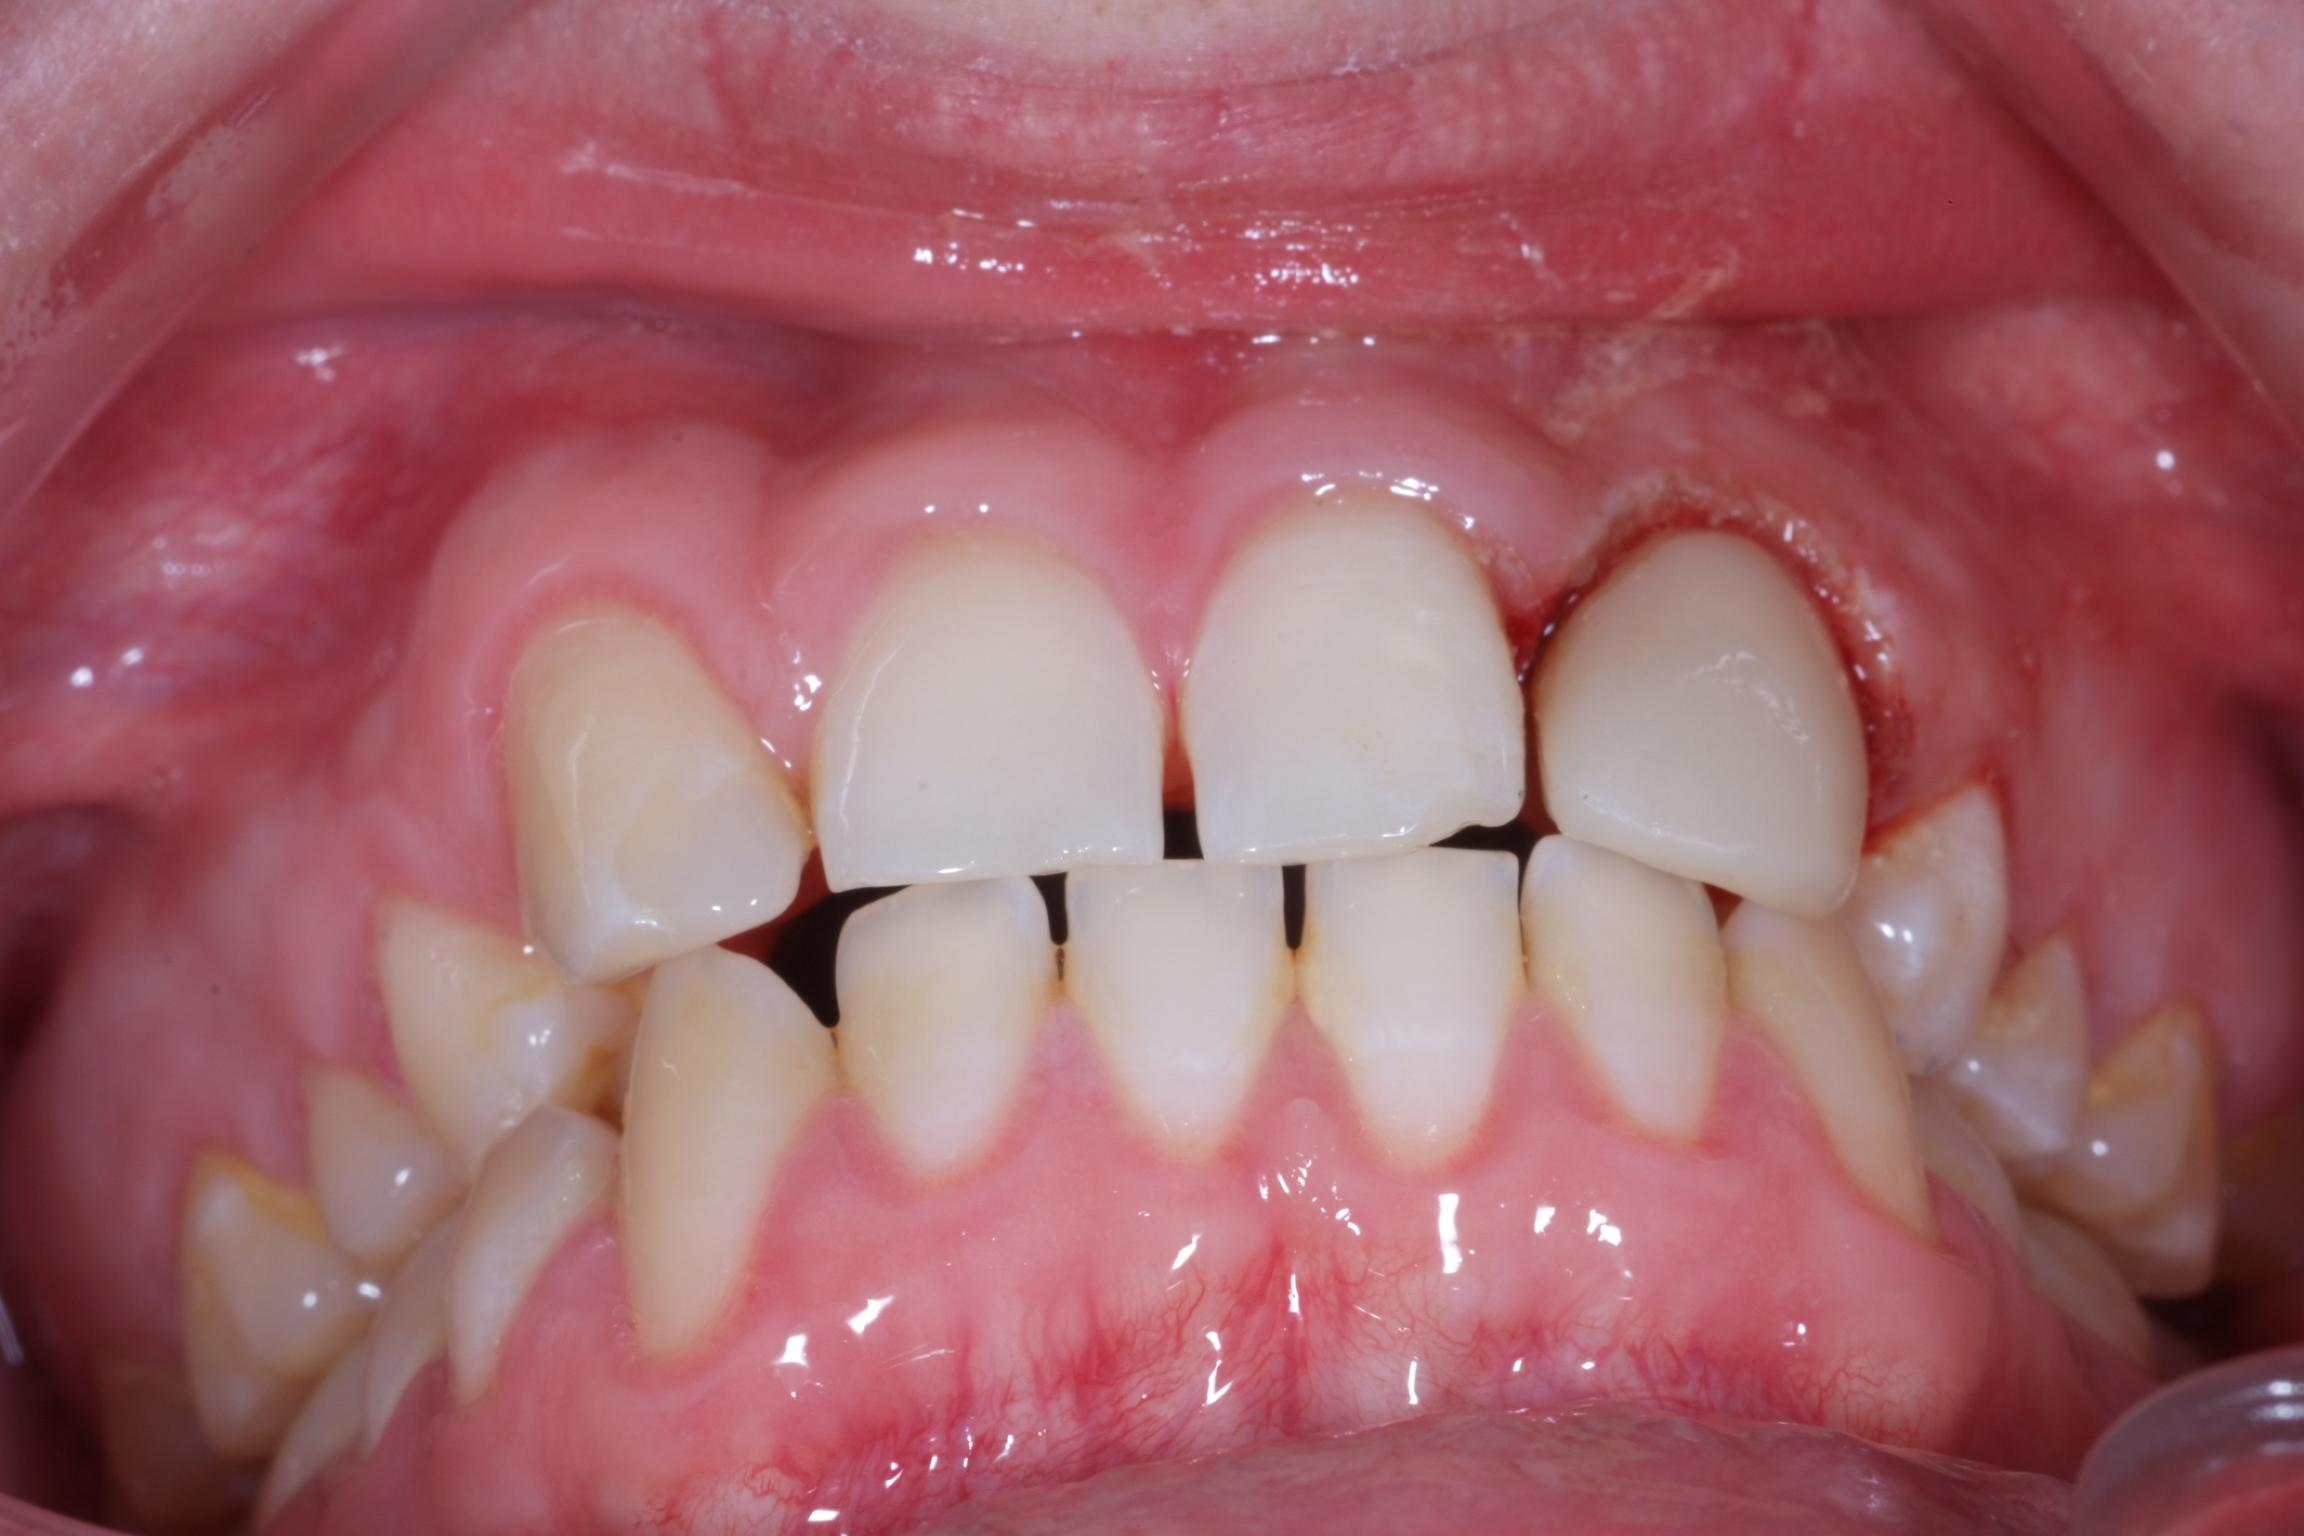 tandsten människa